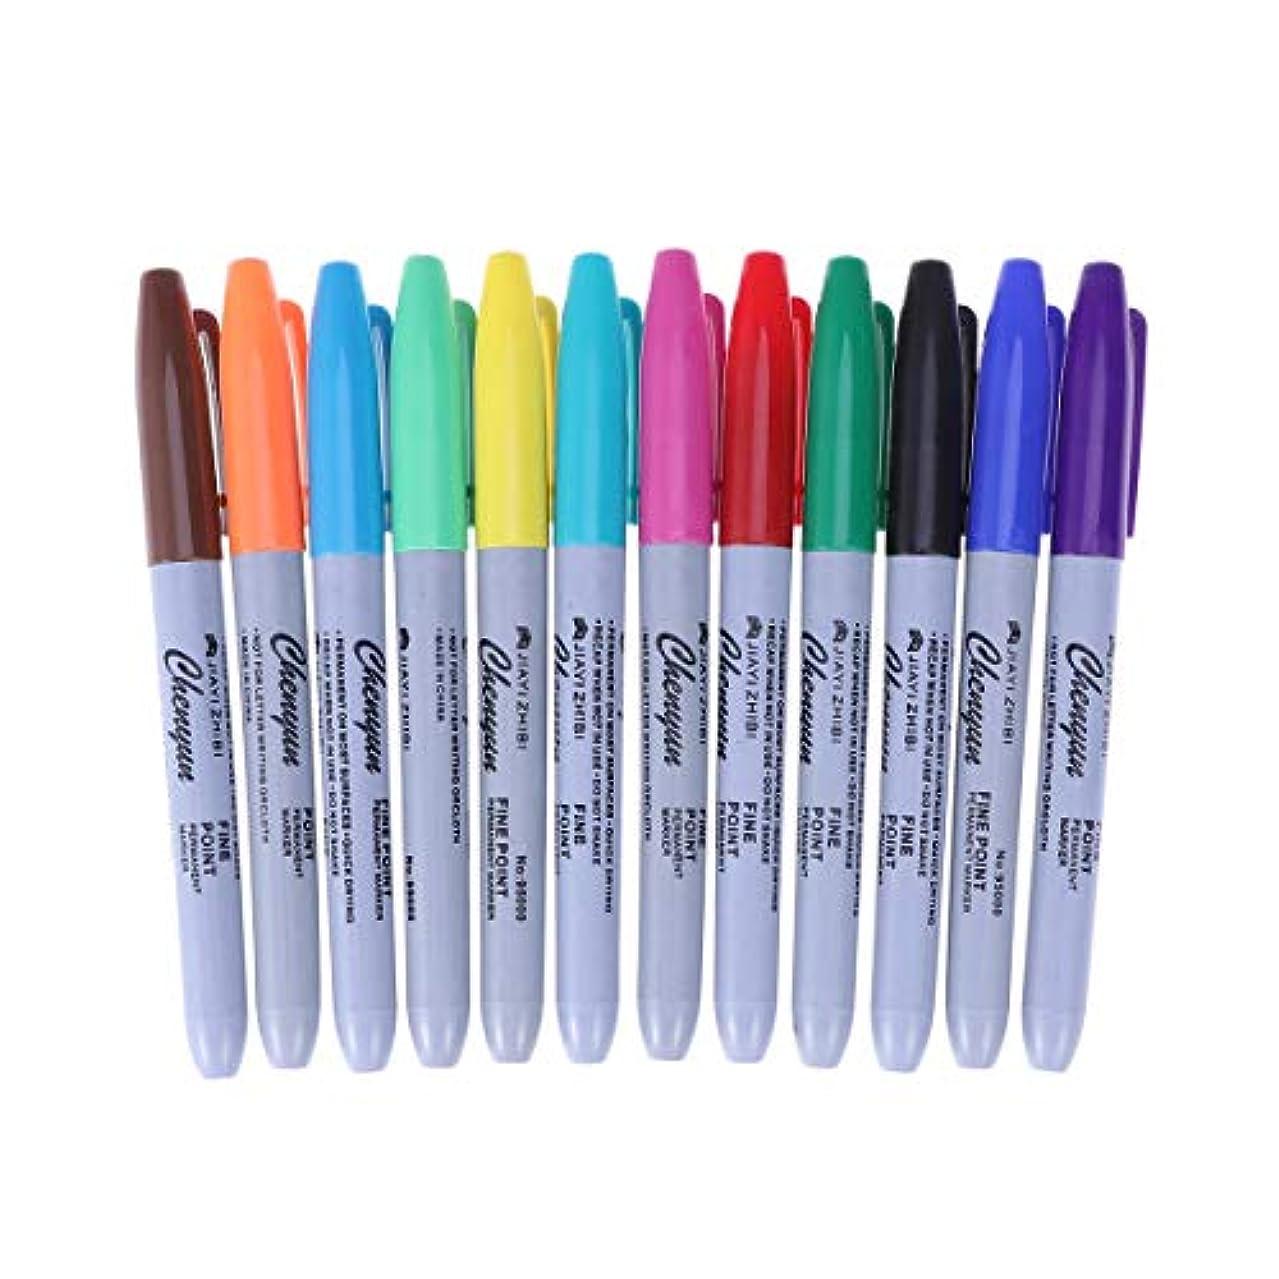 Healifty タトゥーペン防水高品質マーカーペン12色スキンマーカーペンスクライブツールタトゥー用品24ピース